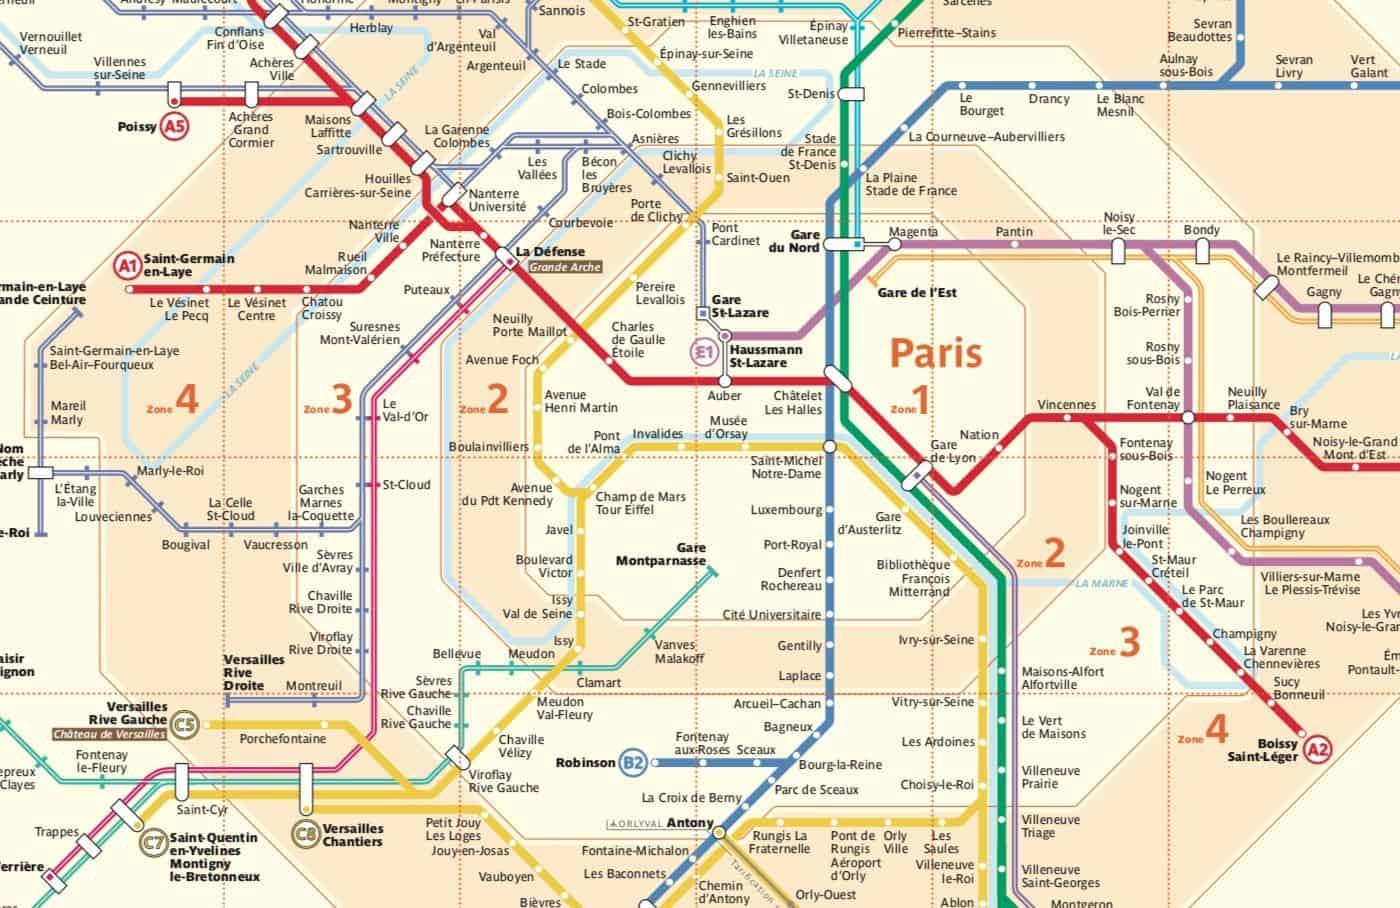 Mappa zone tariffarie di Parigi